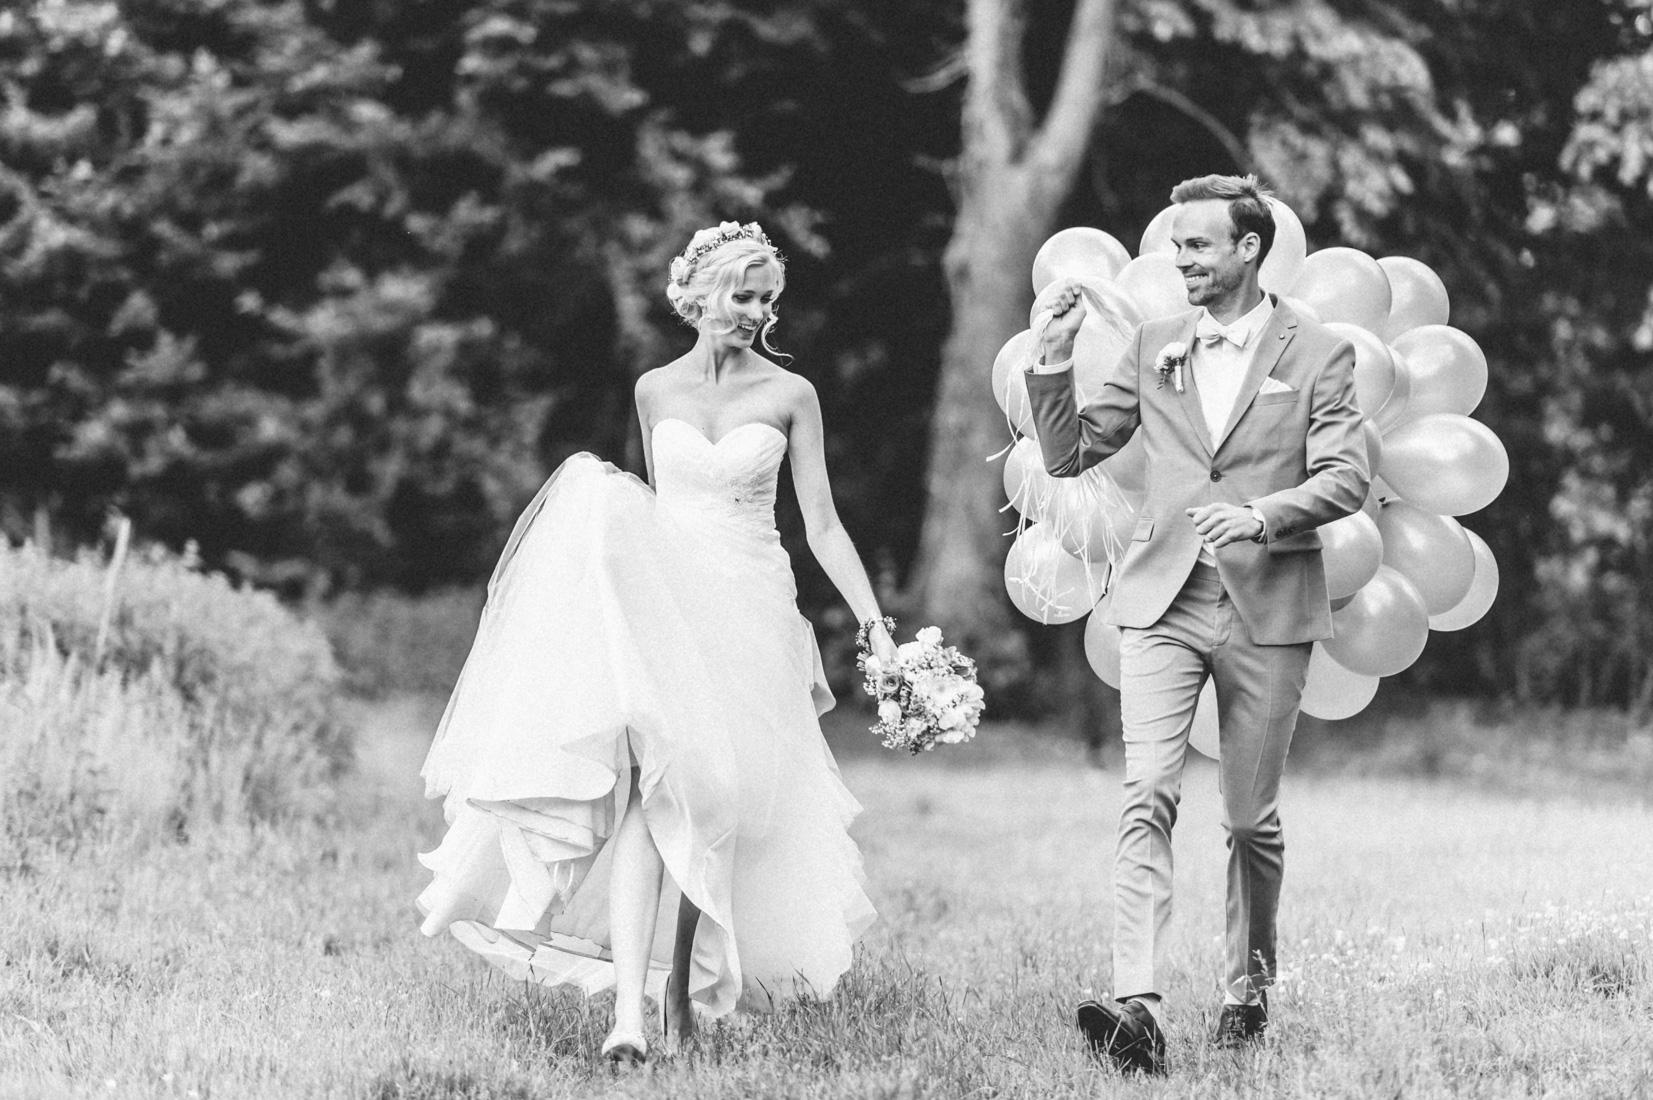 pastel-vintage-hertefeld-116 hochzeitsfotograf schloss hertefeldGalina & Robert DIY Pastel Vintage Hochzeit auf Schloss Hertefeldpastel vintage hertefeld 116